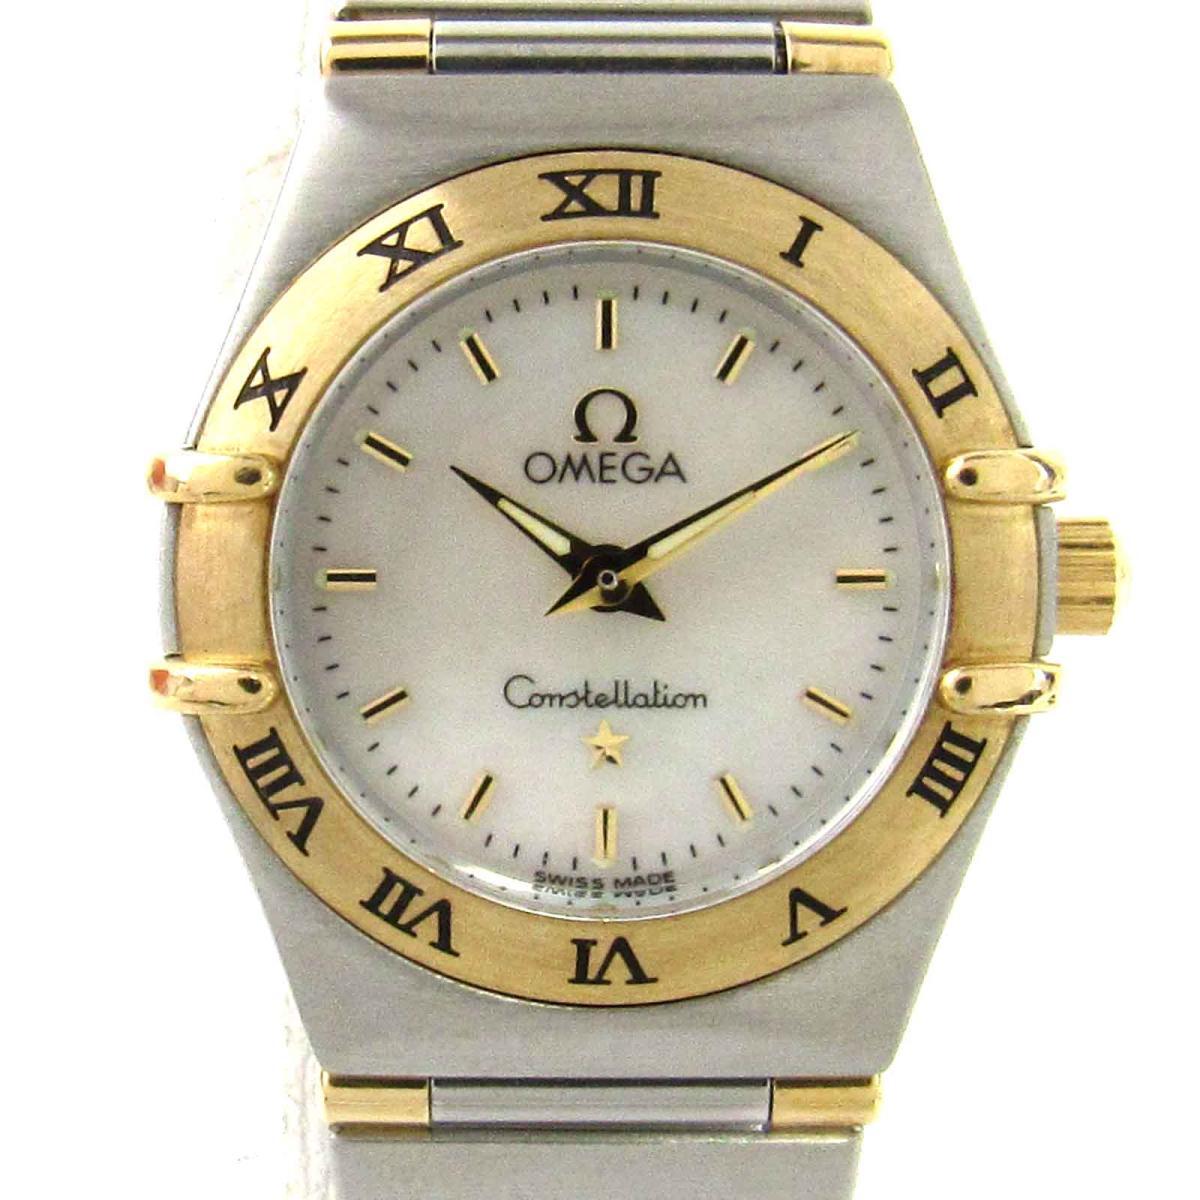 【中古】 オメガ コンステレーション ミニ ウォッチ 腕時計 レディース ステンレススチール (SS) x K18YG イエローゴールド (1362.70)   OMEGA クオーツ クォーツ 時計 K18 18金 コンステレーション ミニ 美品 ブランドオフ